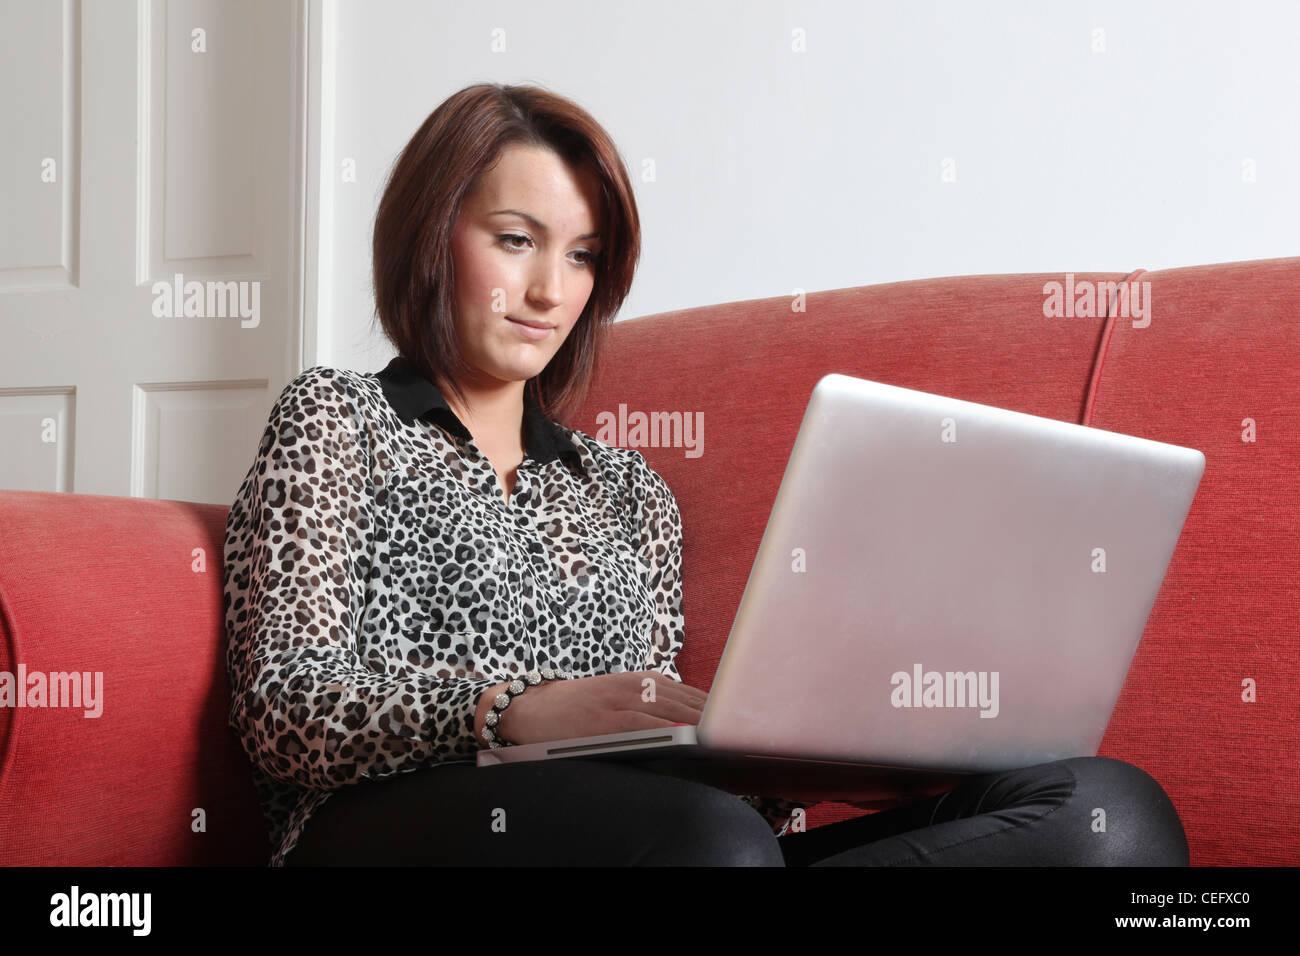 Profil d'une jeune femme seule à l'aide d'un ordinateur portable. Photo Stock